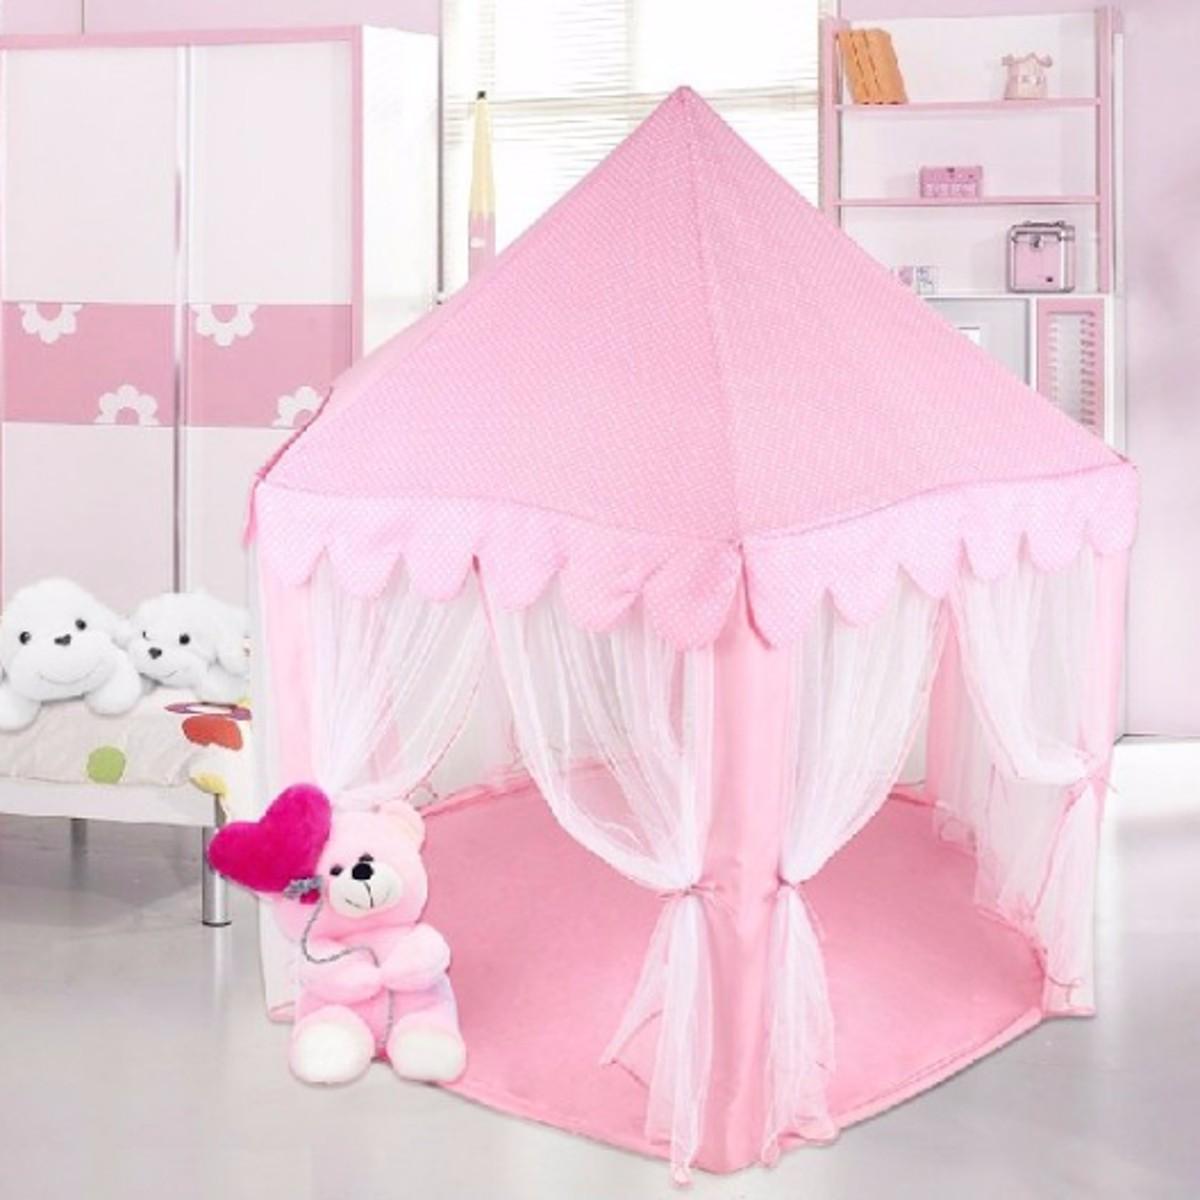 Portable Princesse Château Jouer Tente Activité Fée Maison Fun Playhouse Tente De Plage Bébé jouer Jouet Cadeau Pour Les Enfants